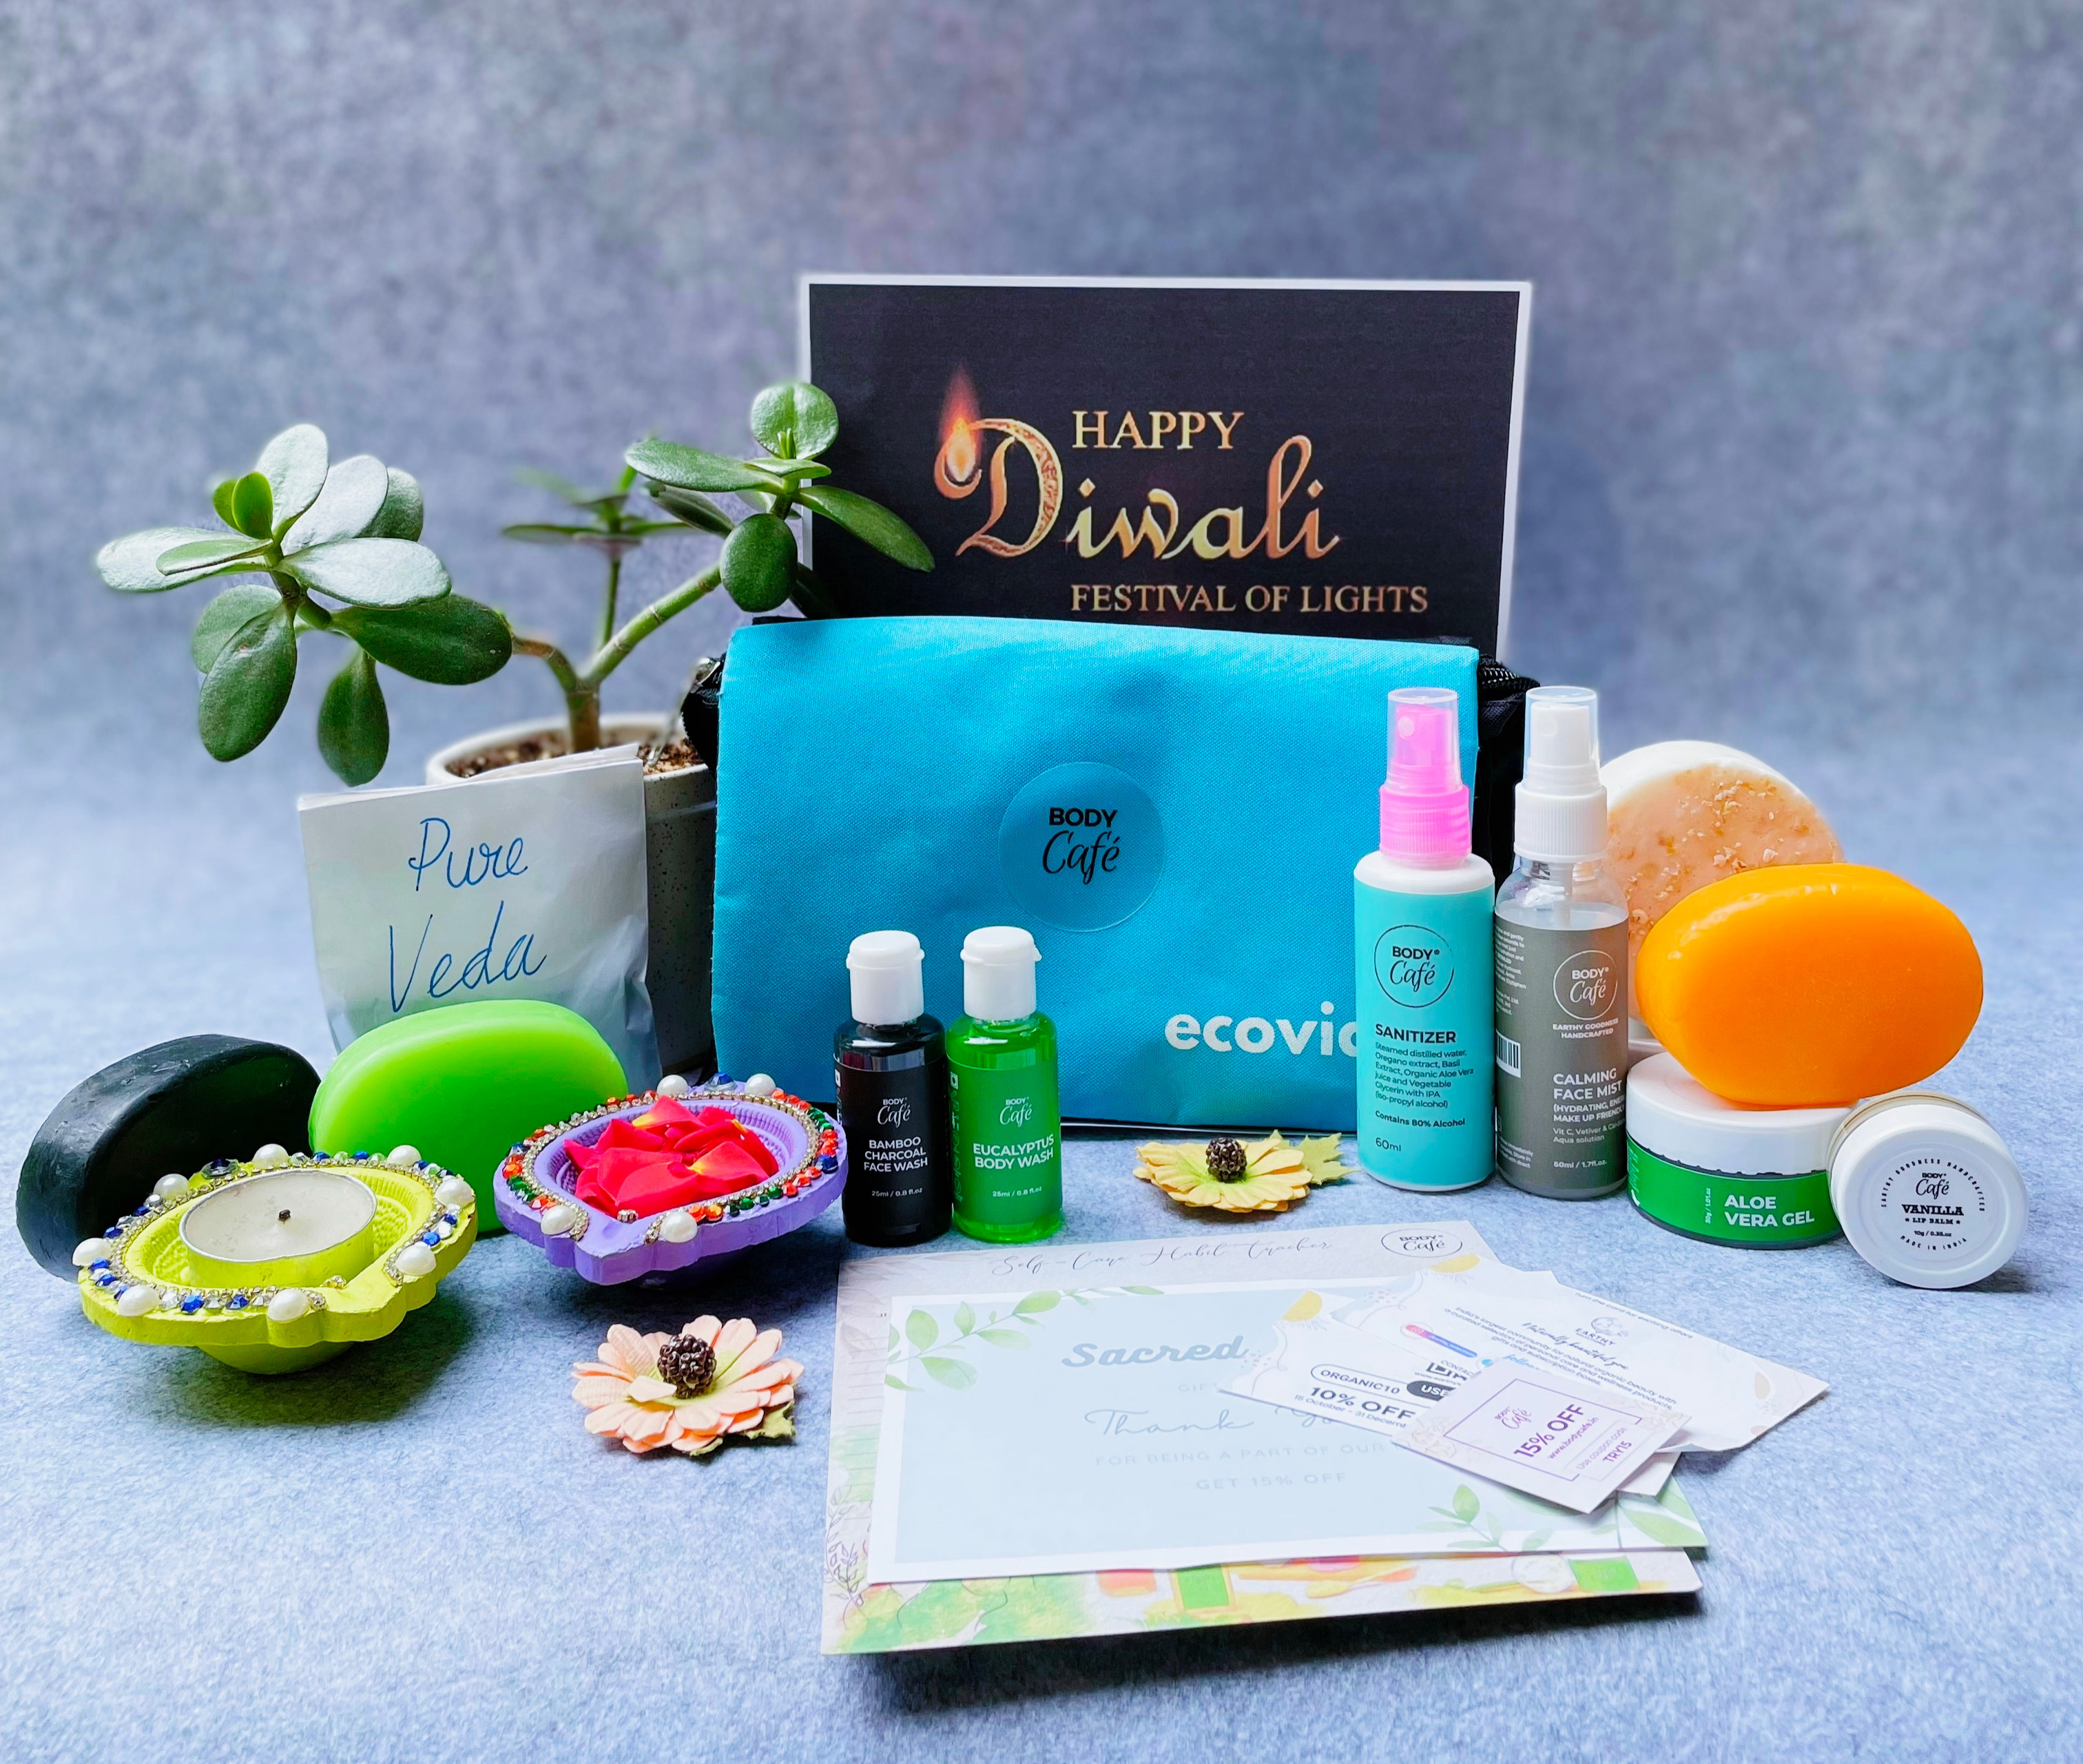 BodyCafe | BodyCafé Diwali gift set